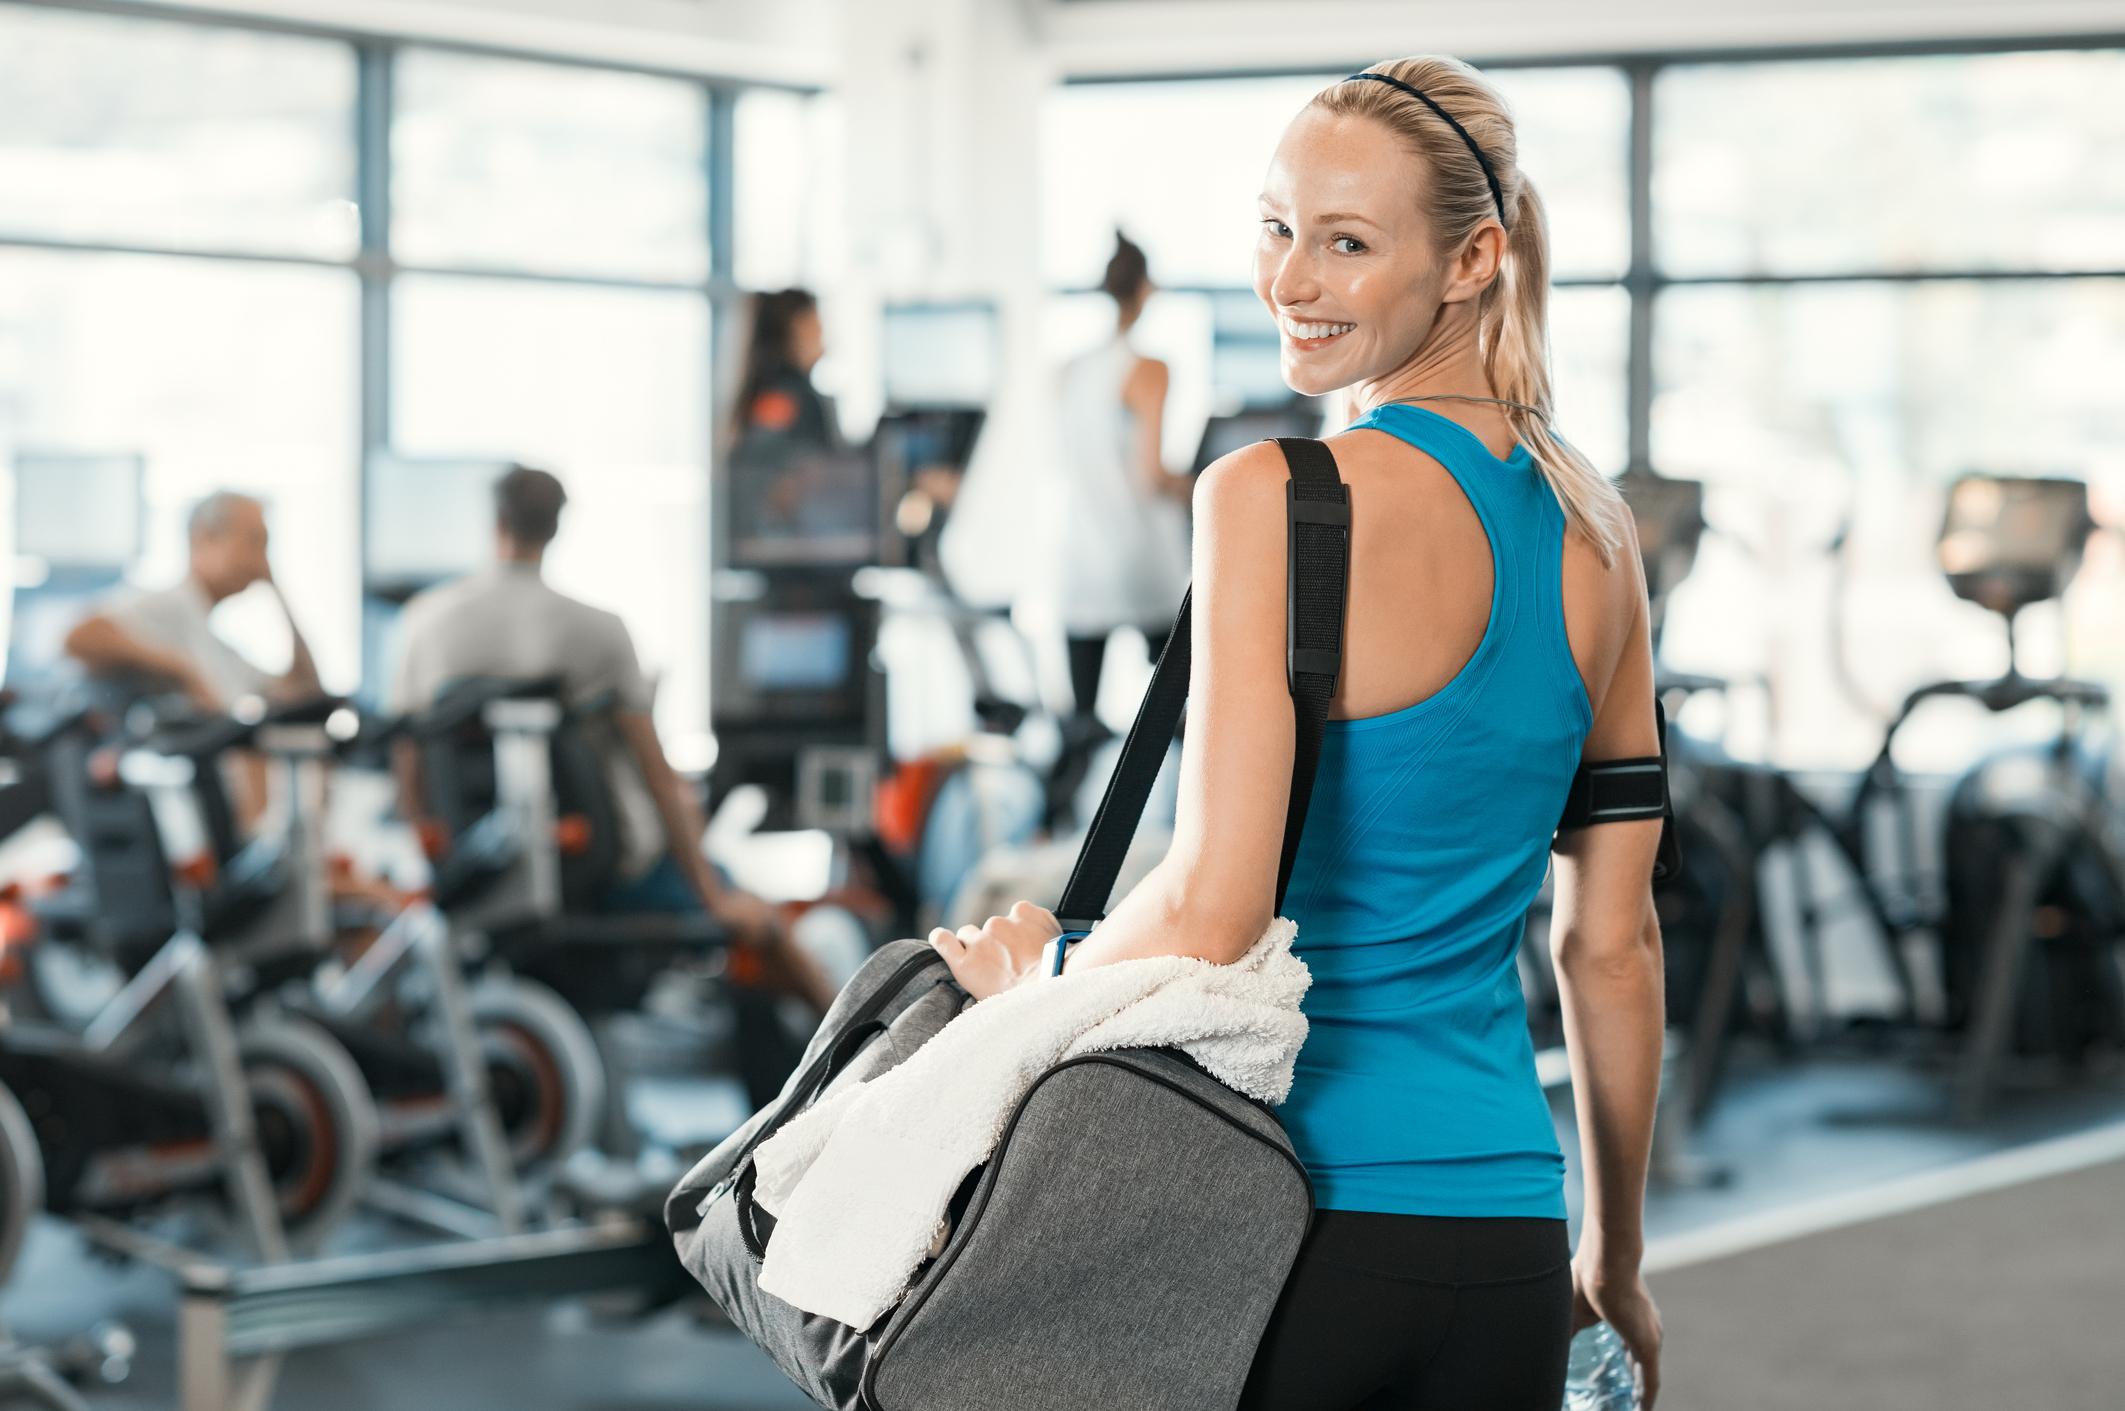 Woman with gym bag